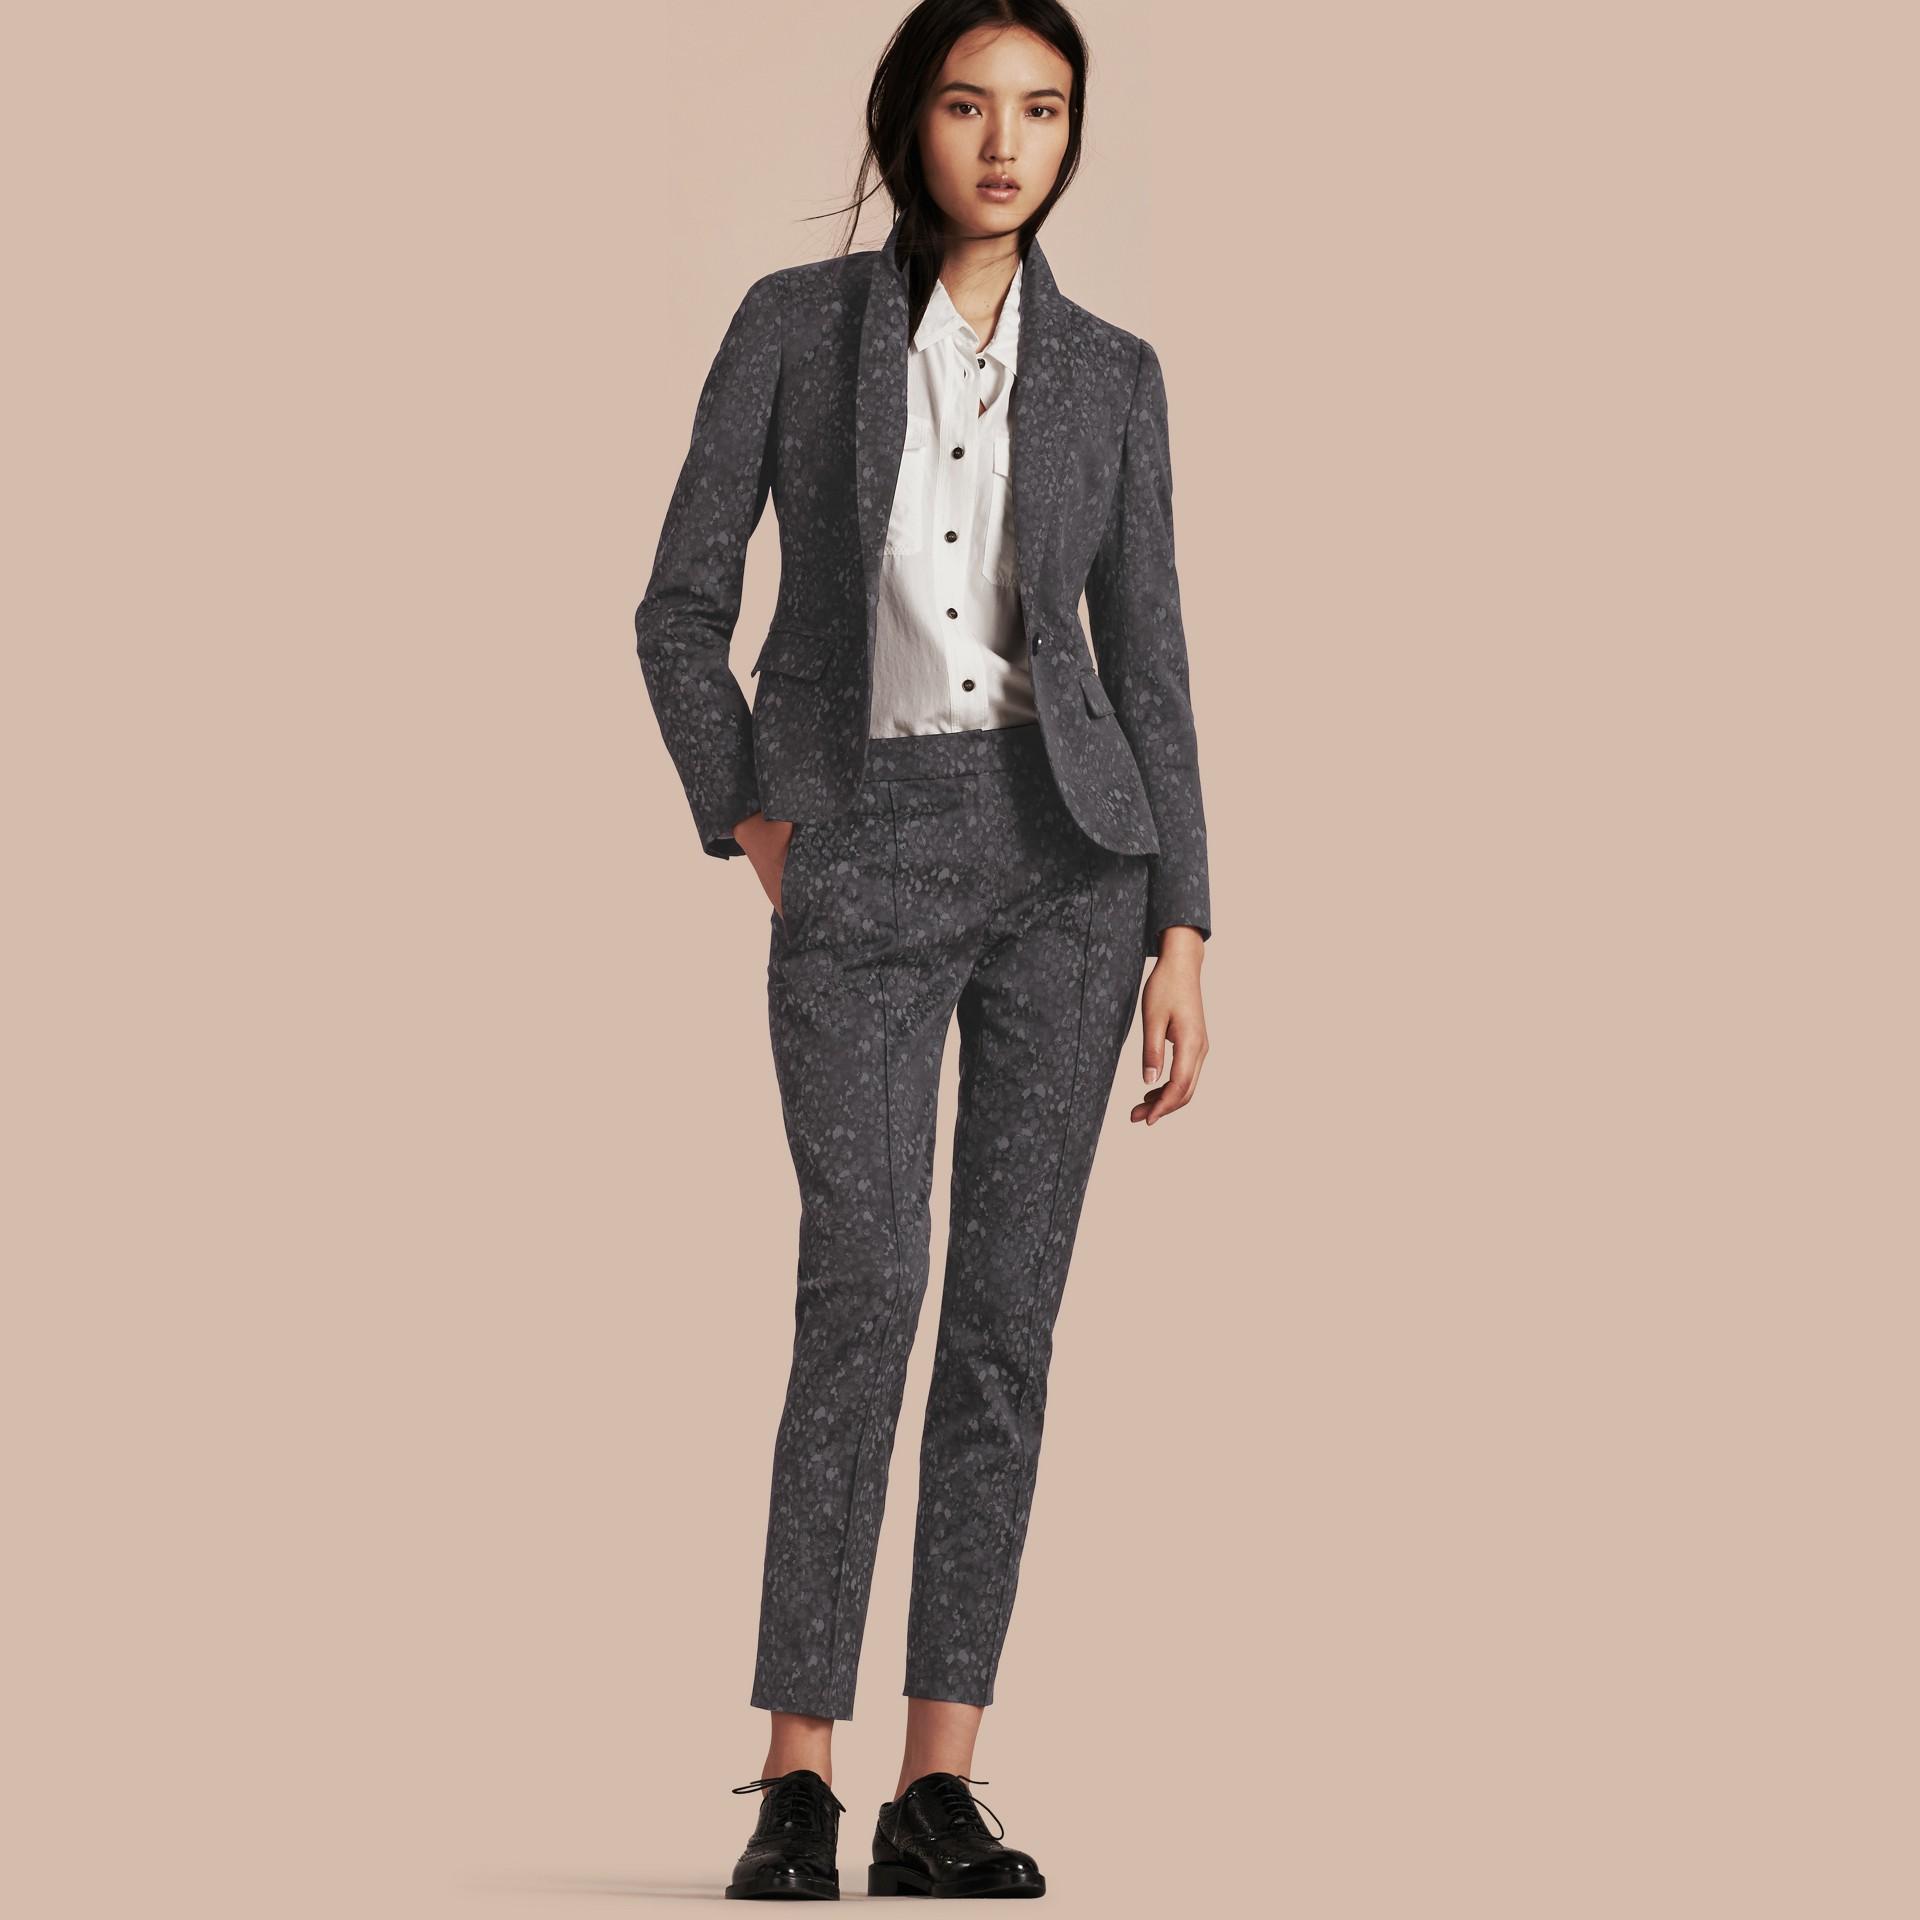 Темно-серый Узкие брюки с жаккардовым узором - изображение 1